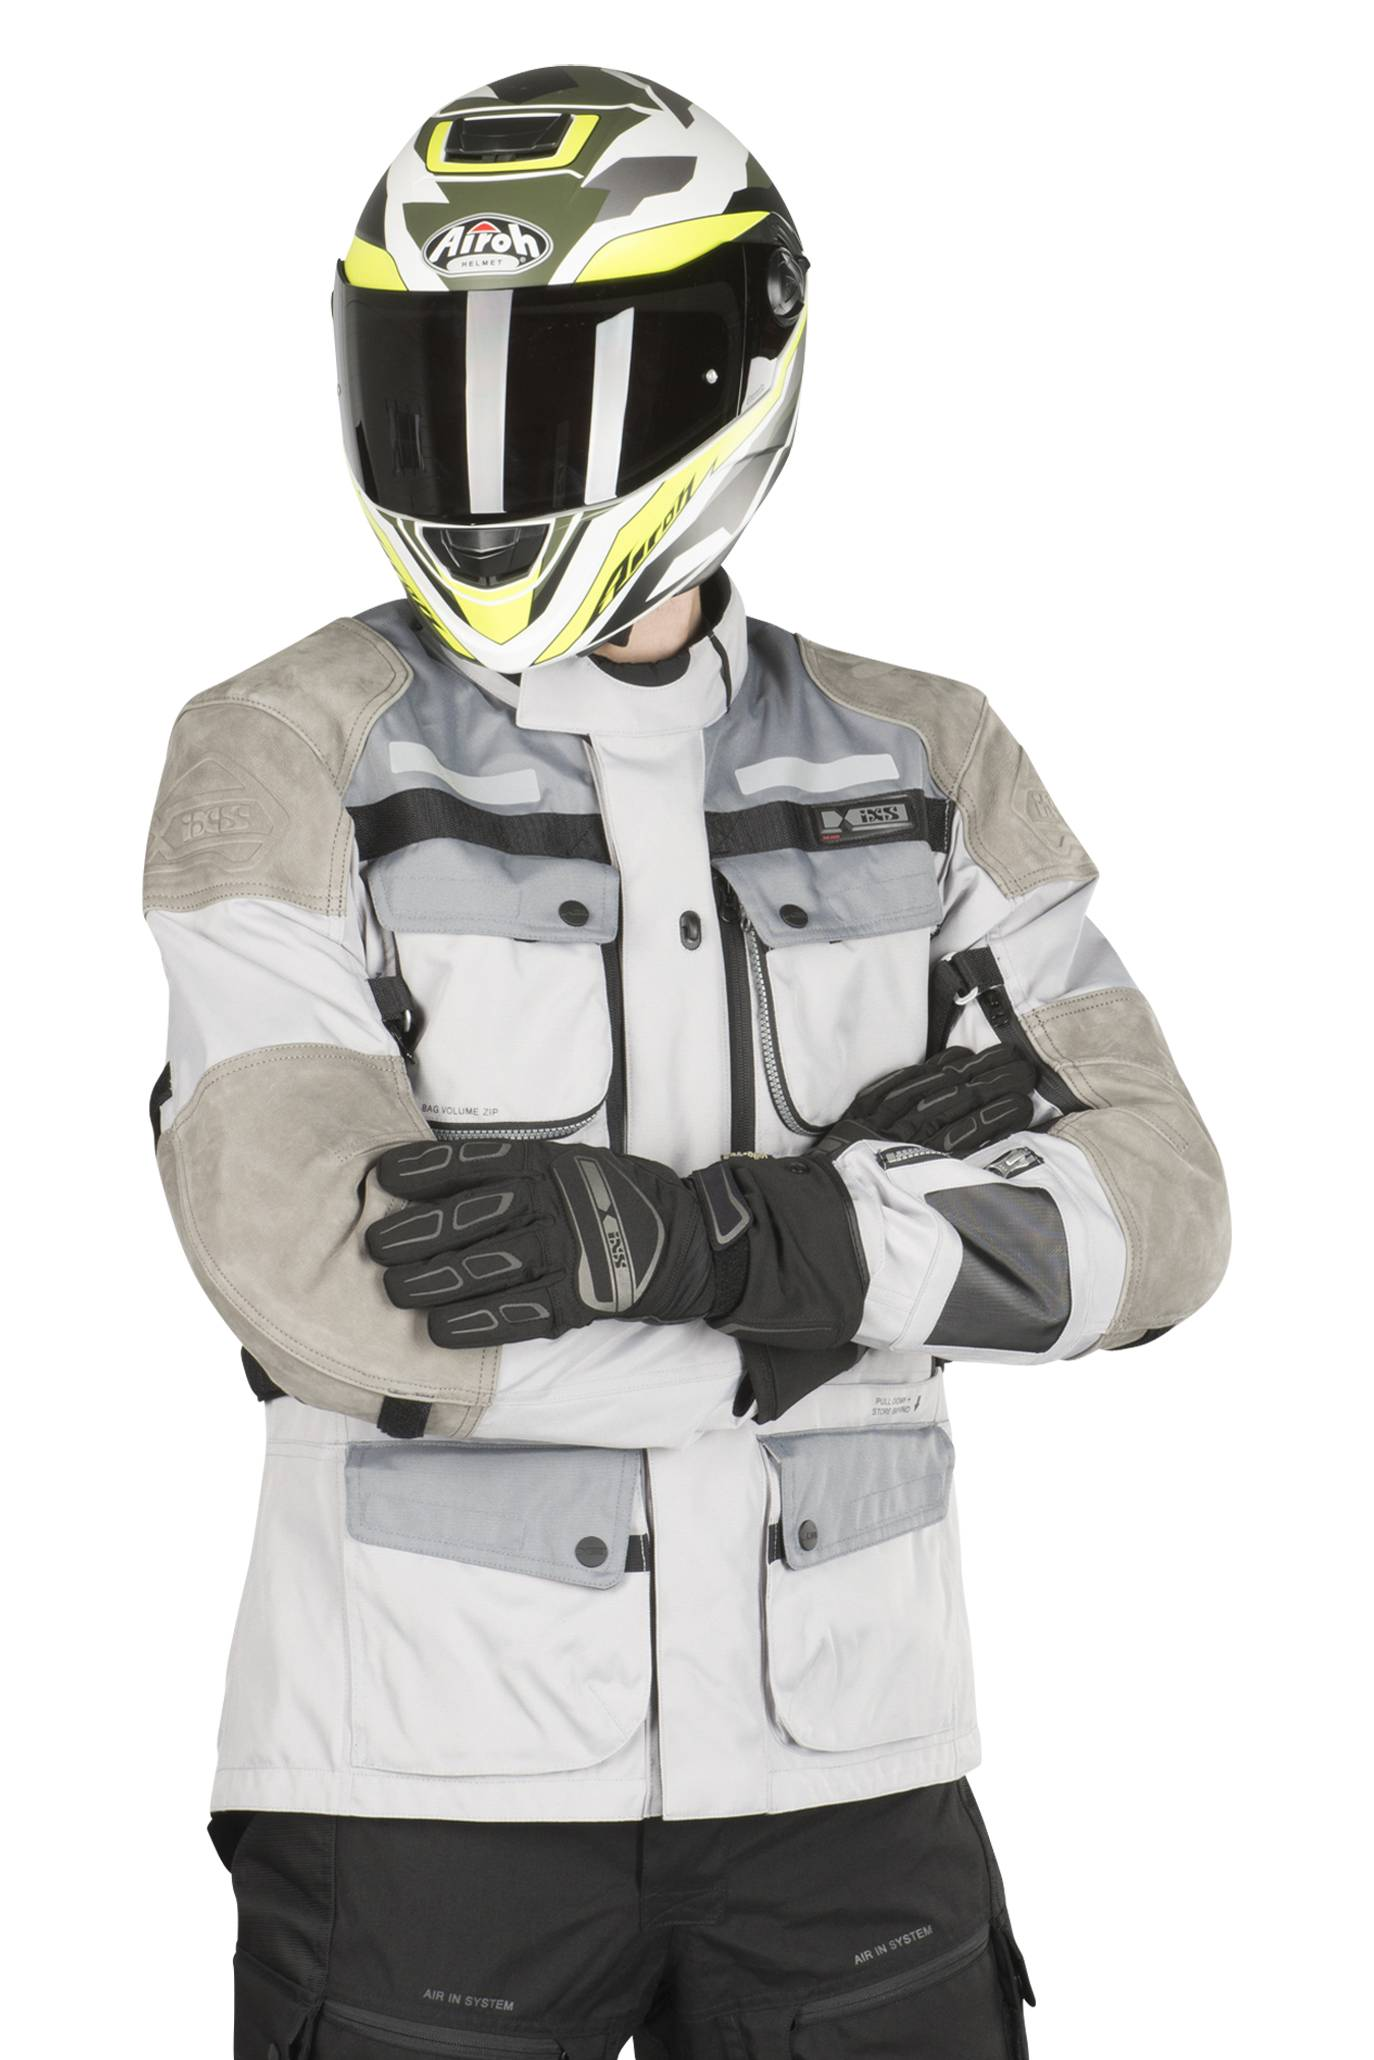 ixs giacca moto  tour lt montevideo-air 2.0 grigia